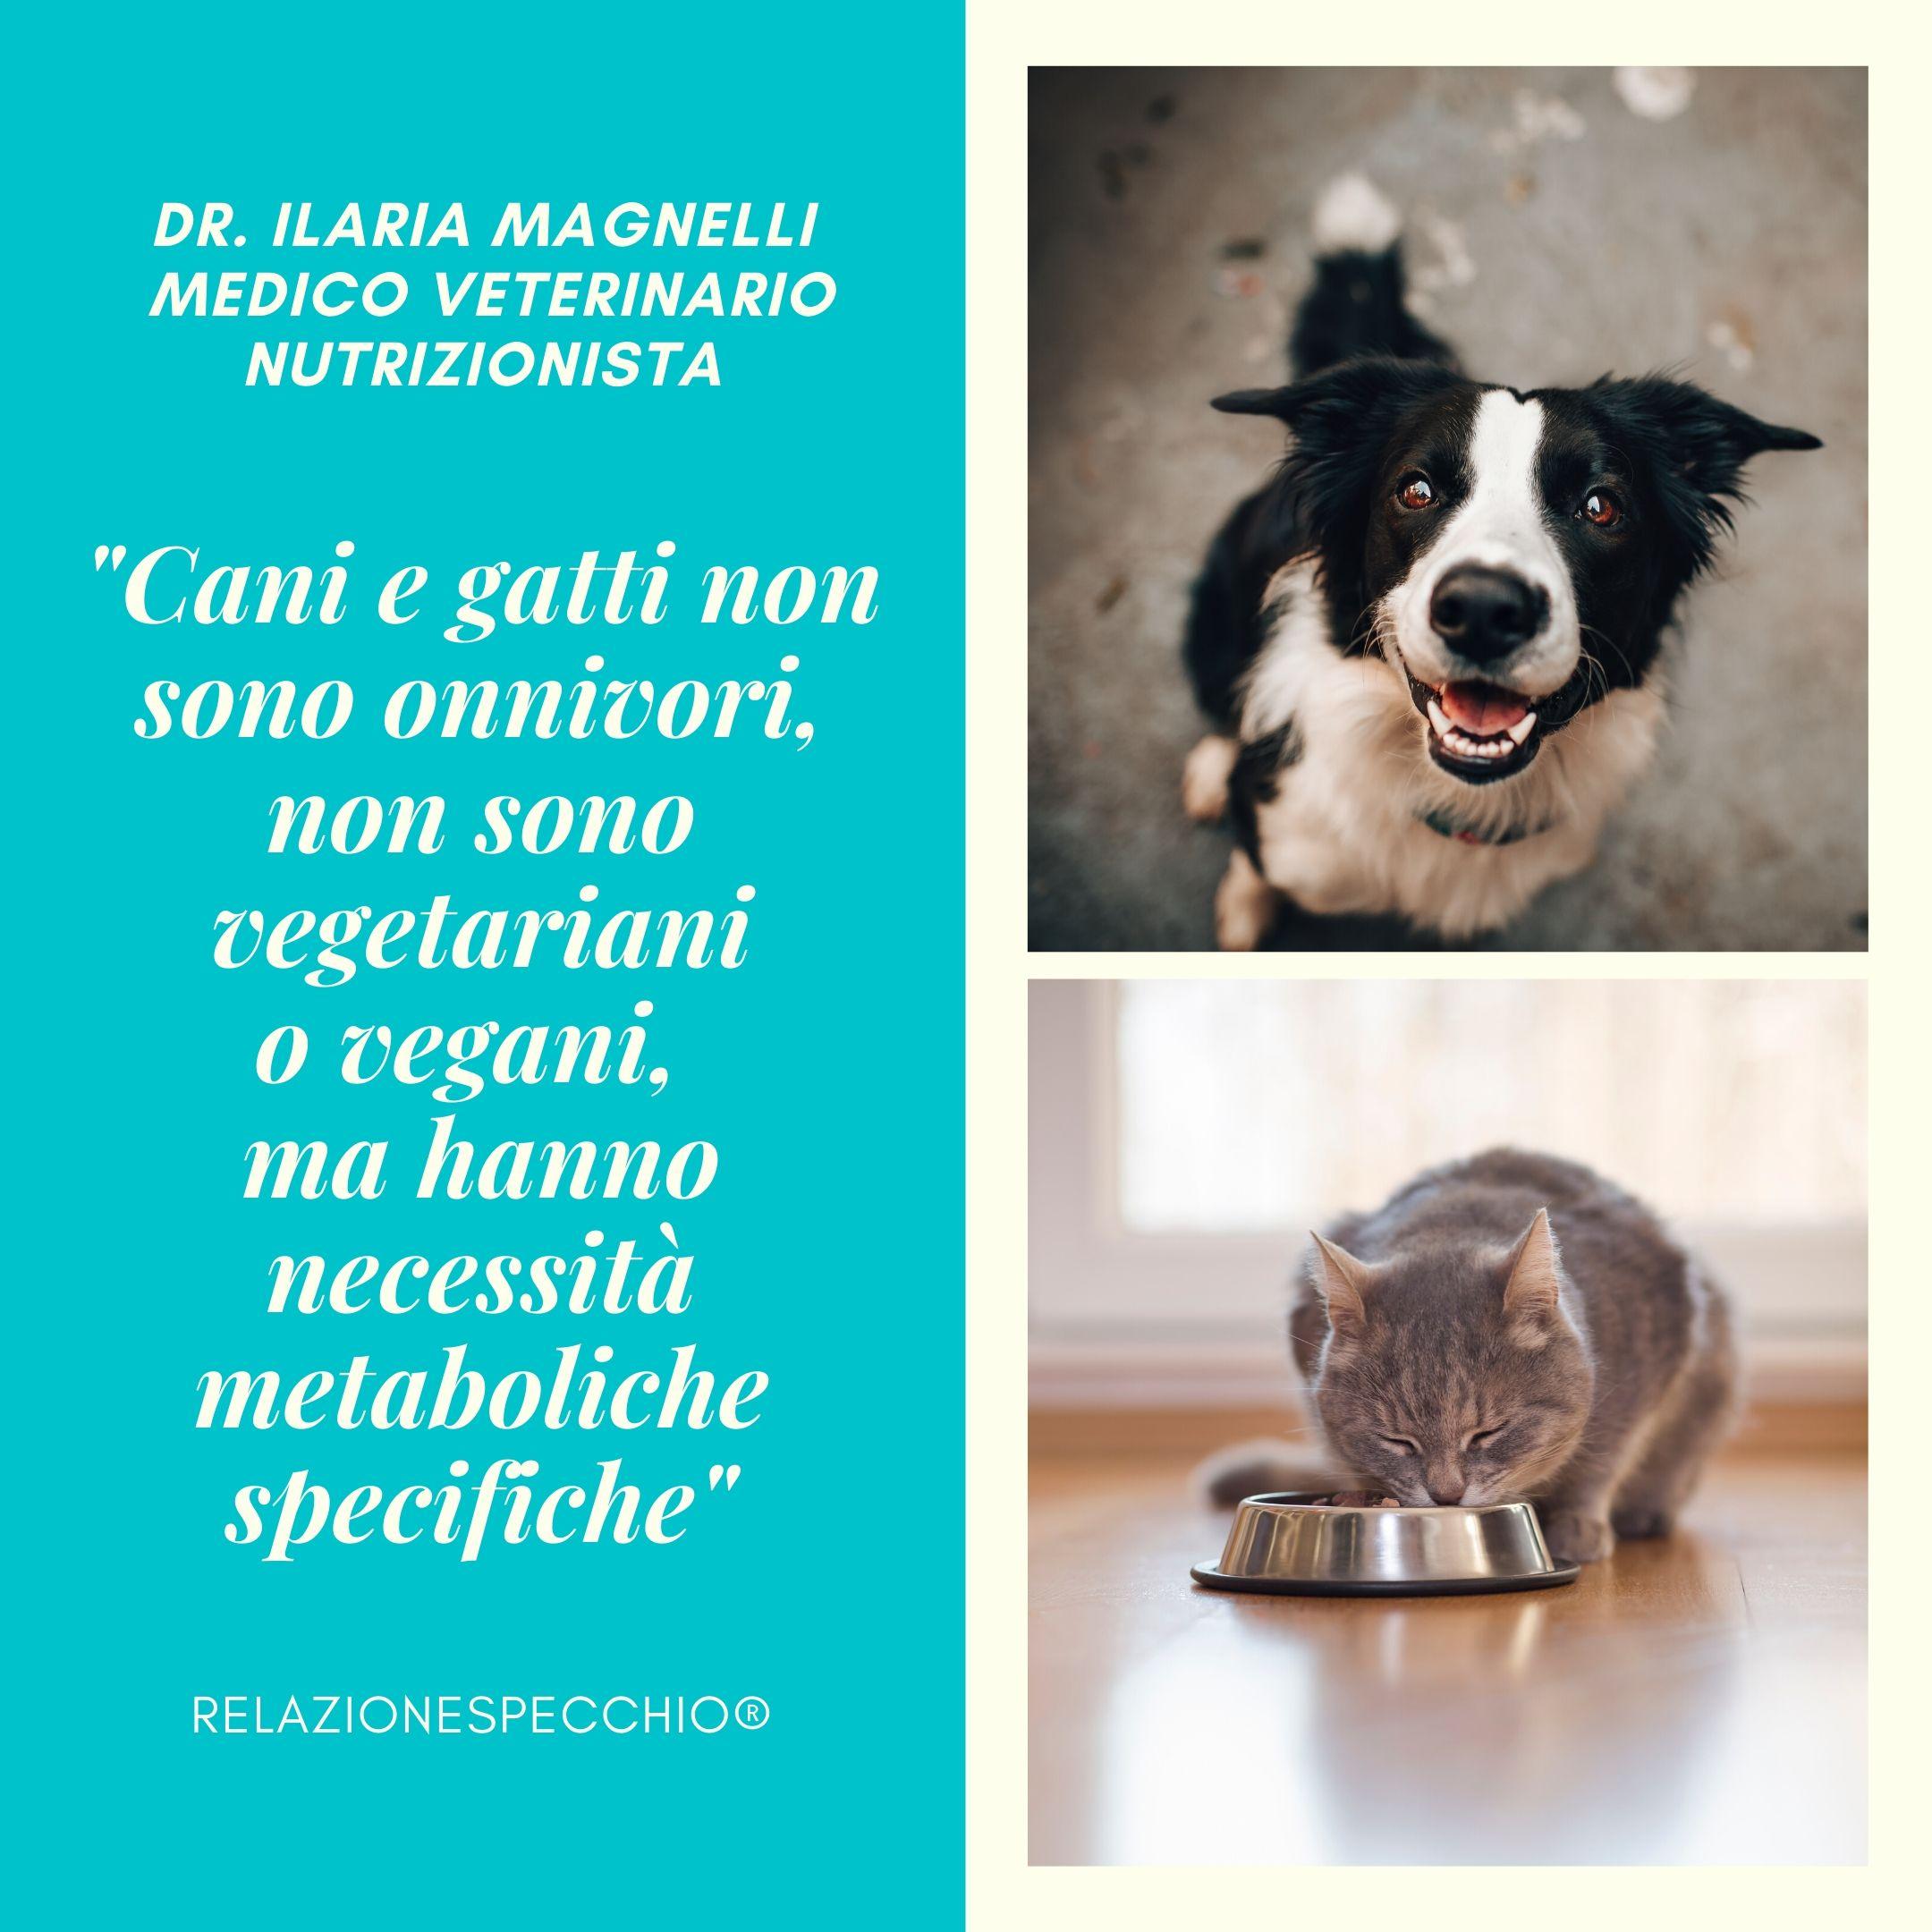 Cani e gatti non sono onnivori e non sono vegetariani o vegani, hanno necessità metaboliche specifiche.